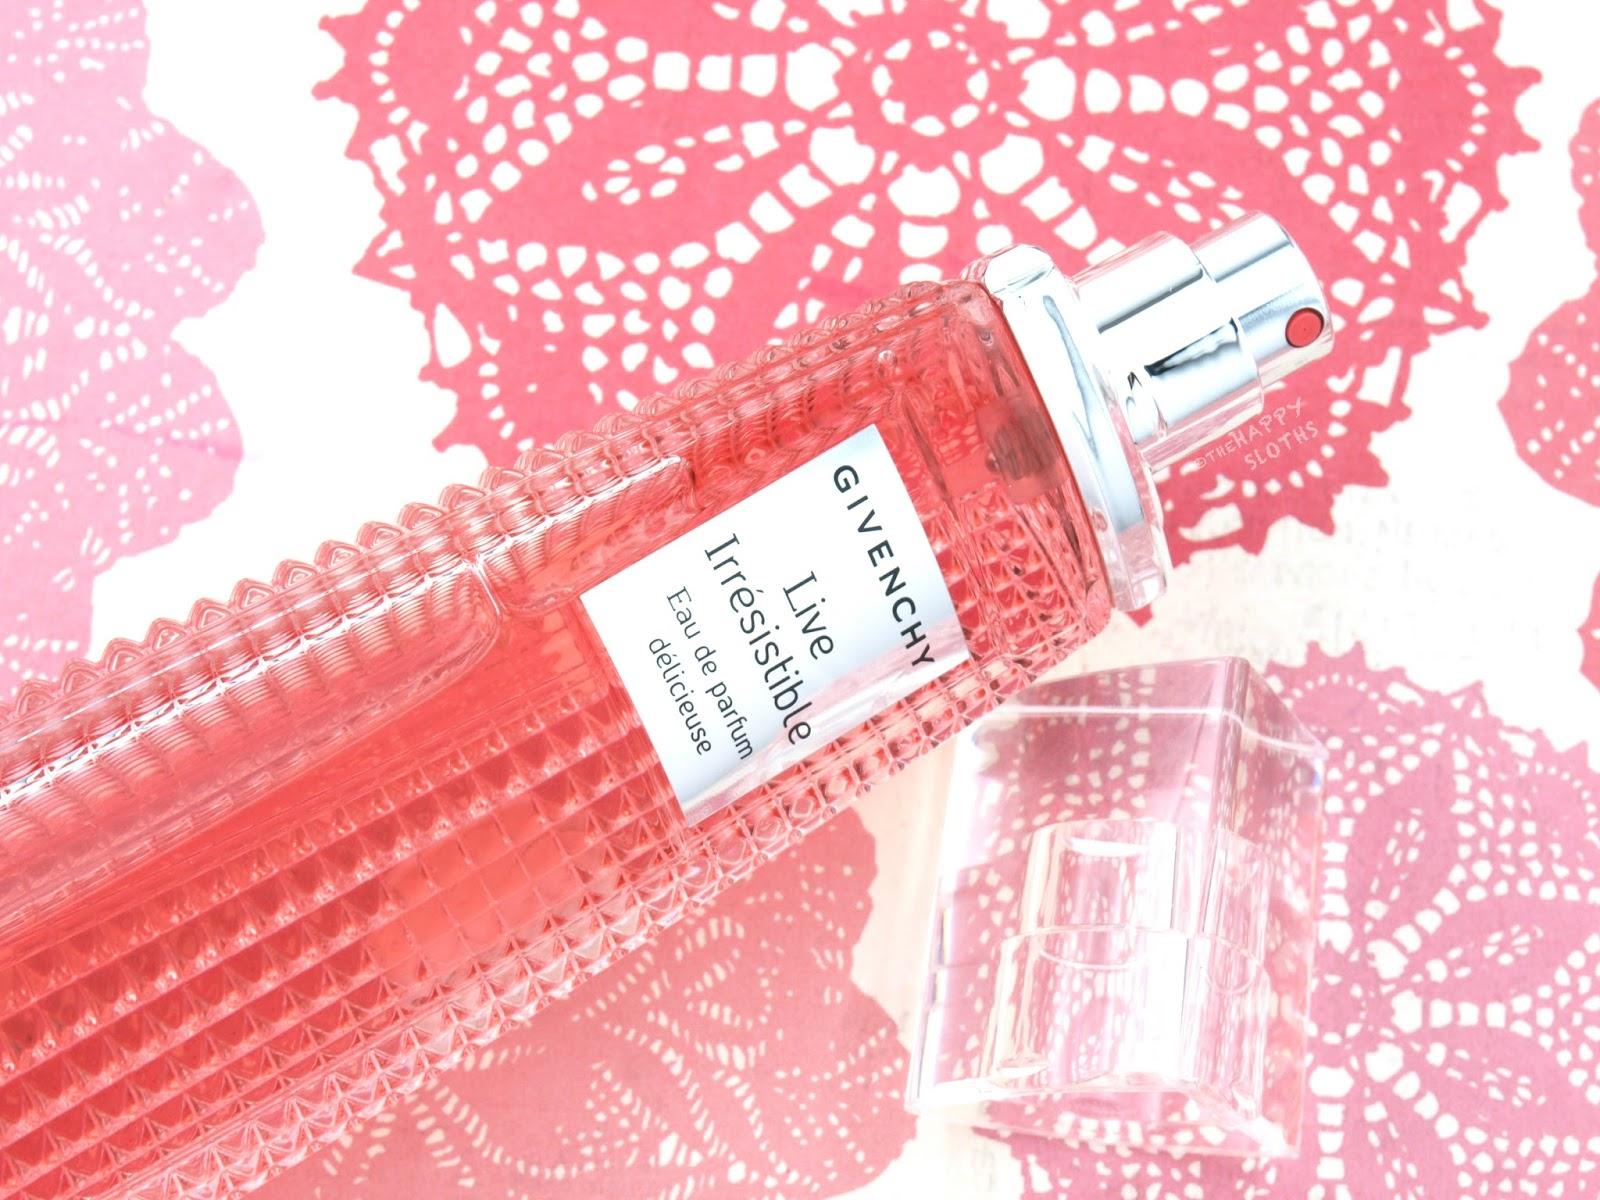 givenchy-live-irresistible-eau-de-parfum-delicieuse-review